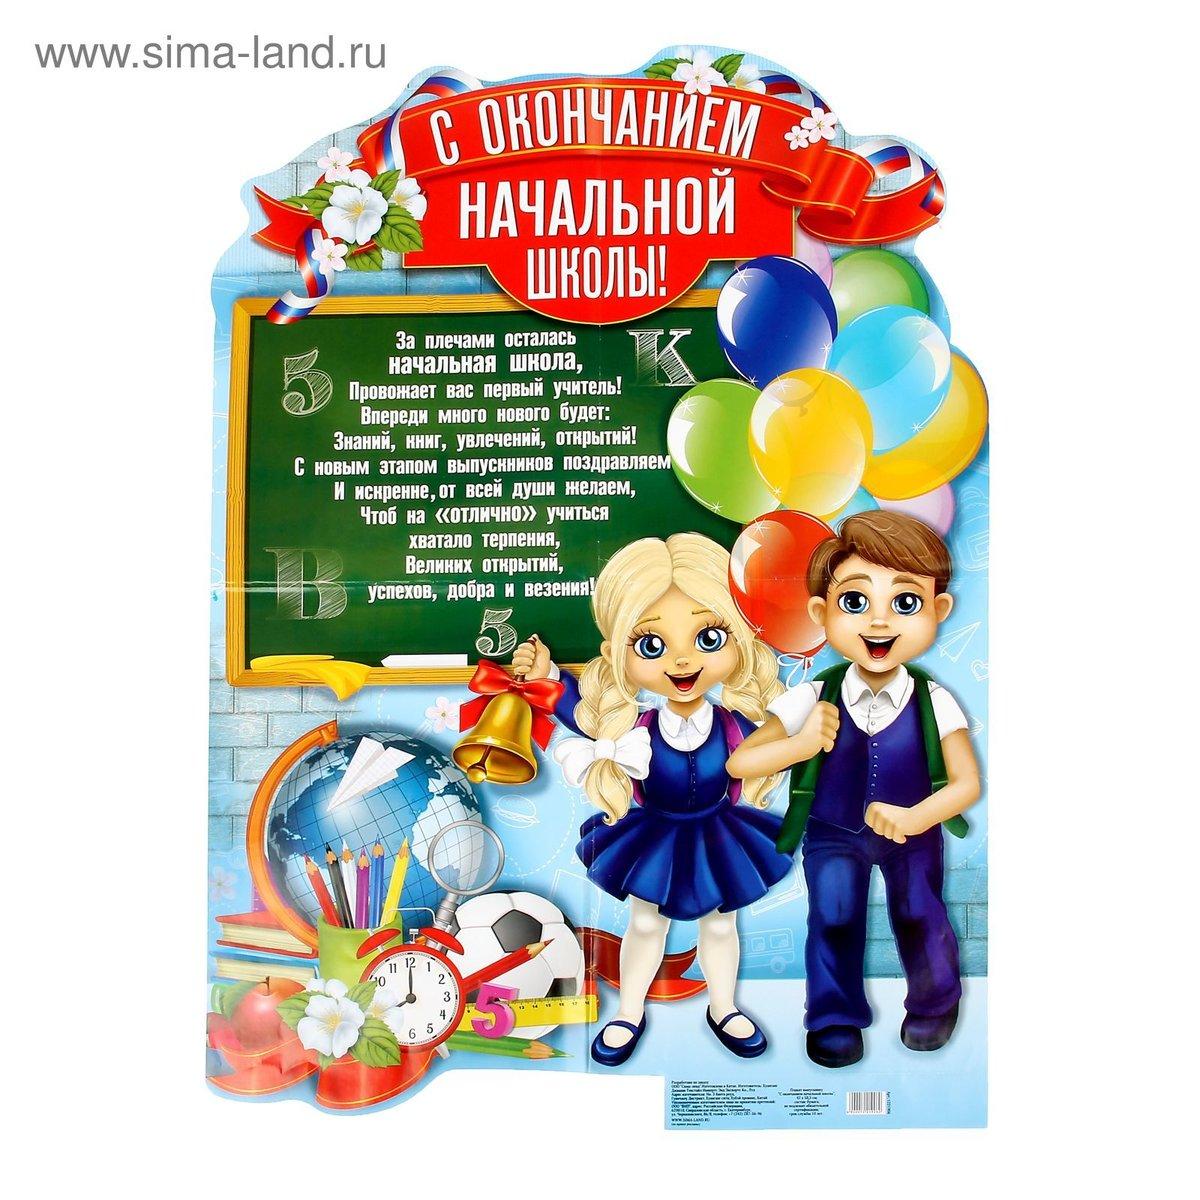 Открытка для выпускника начальной школы, открытки сентября фотошоп